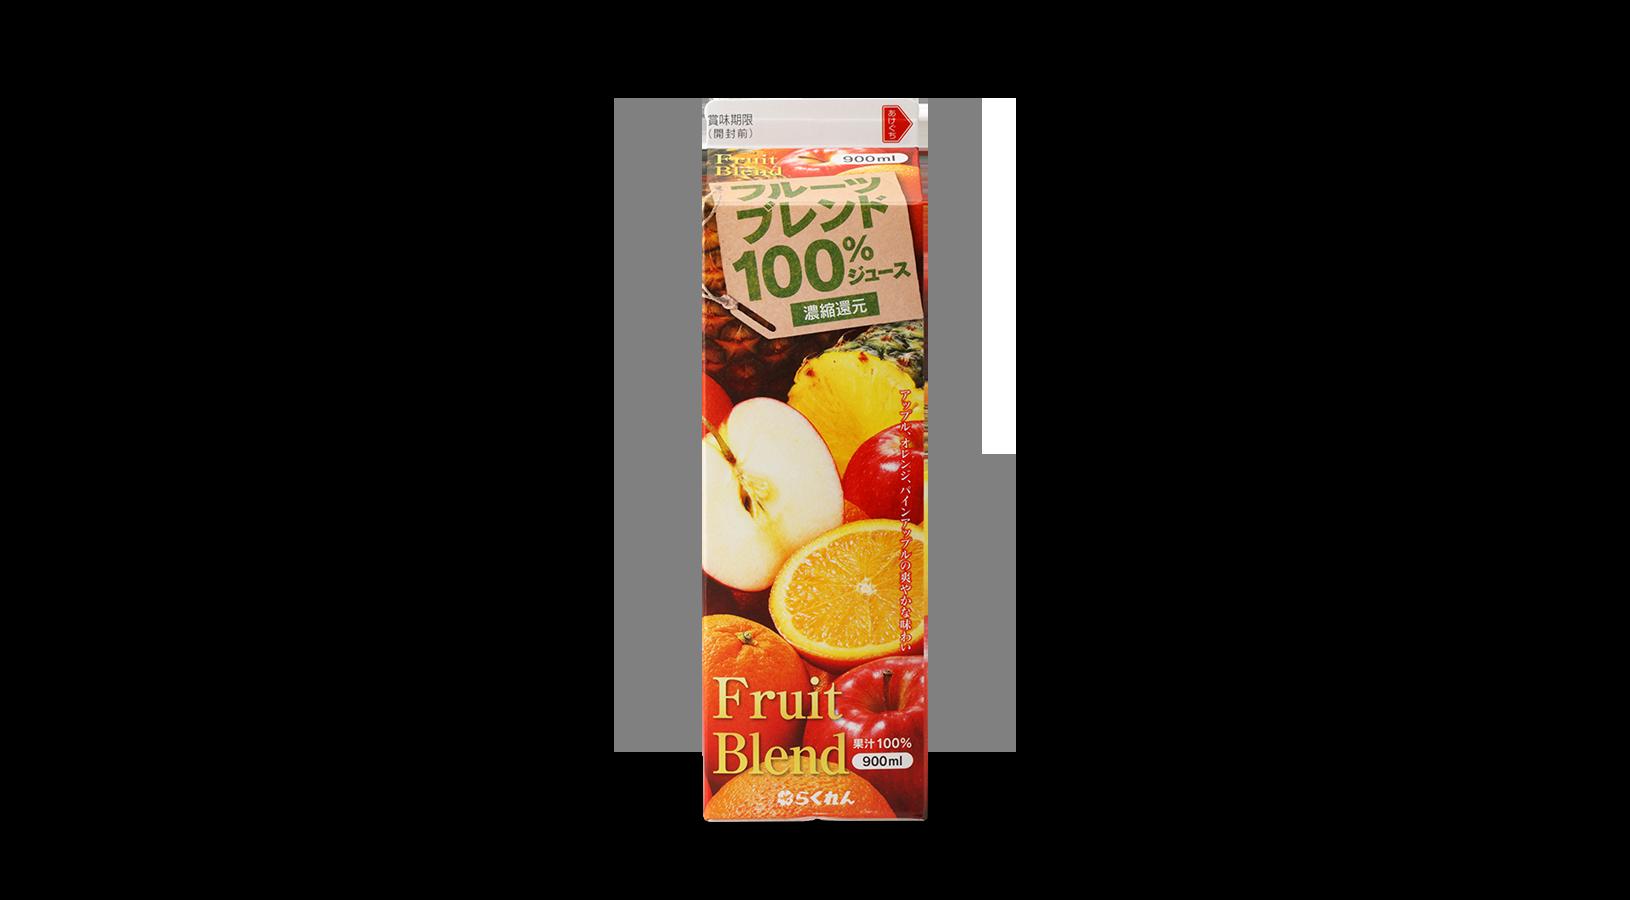 商品イメージ:フルーツブレンド100%ジュース